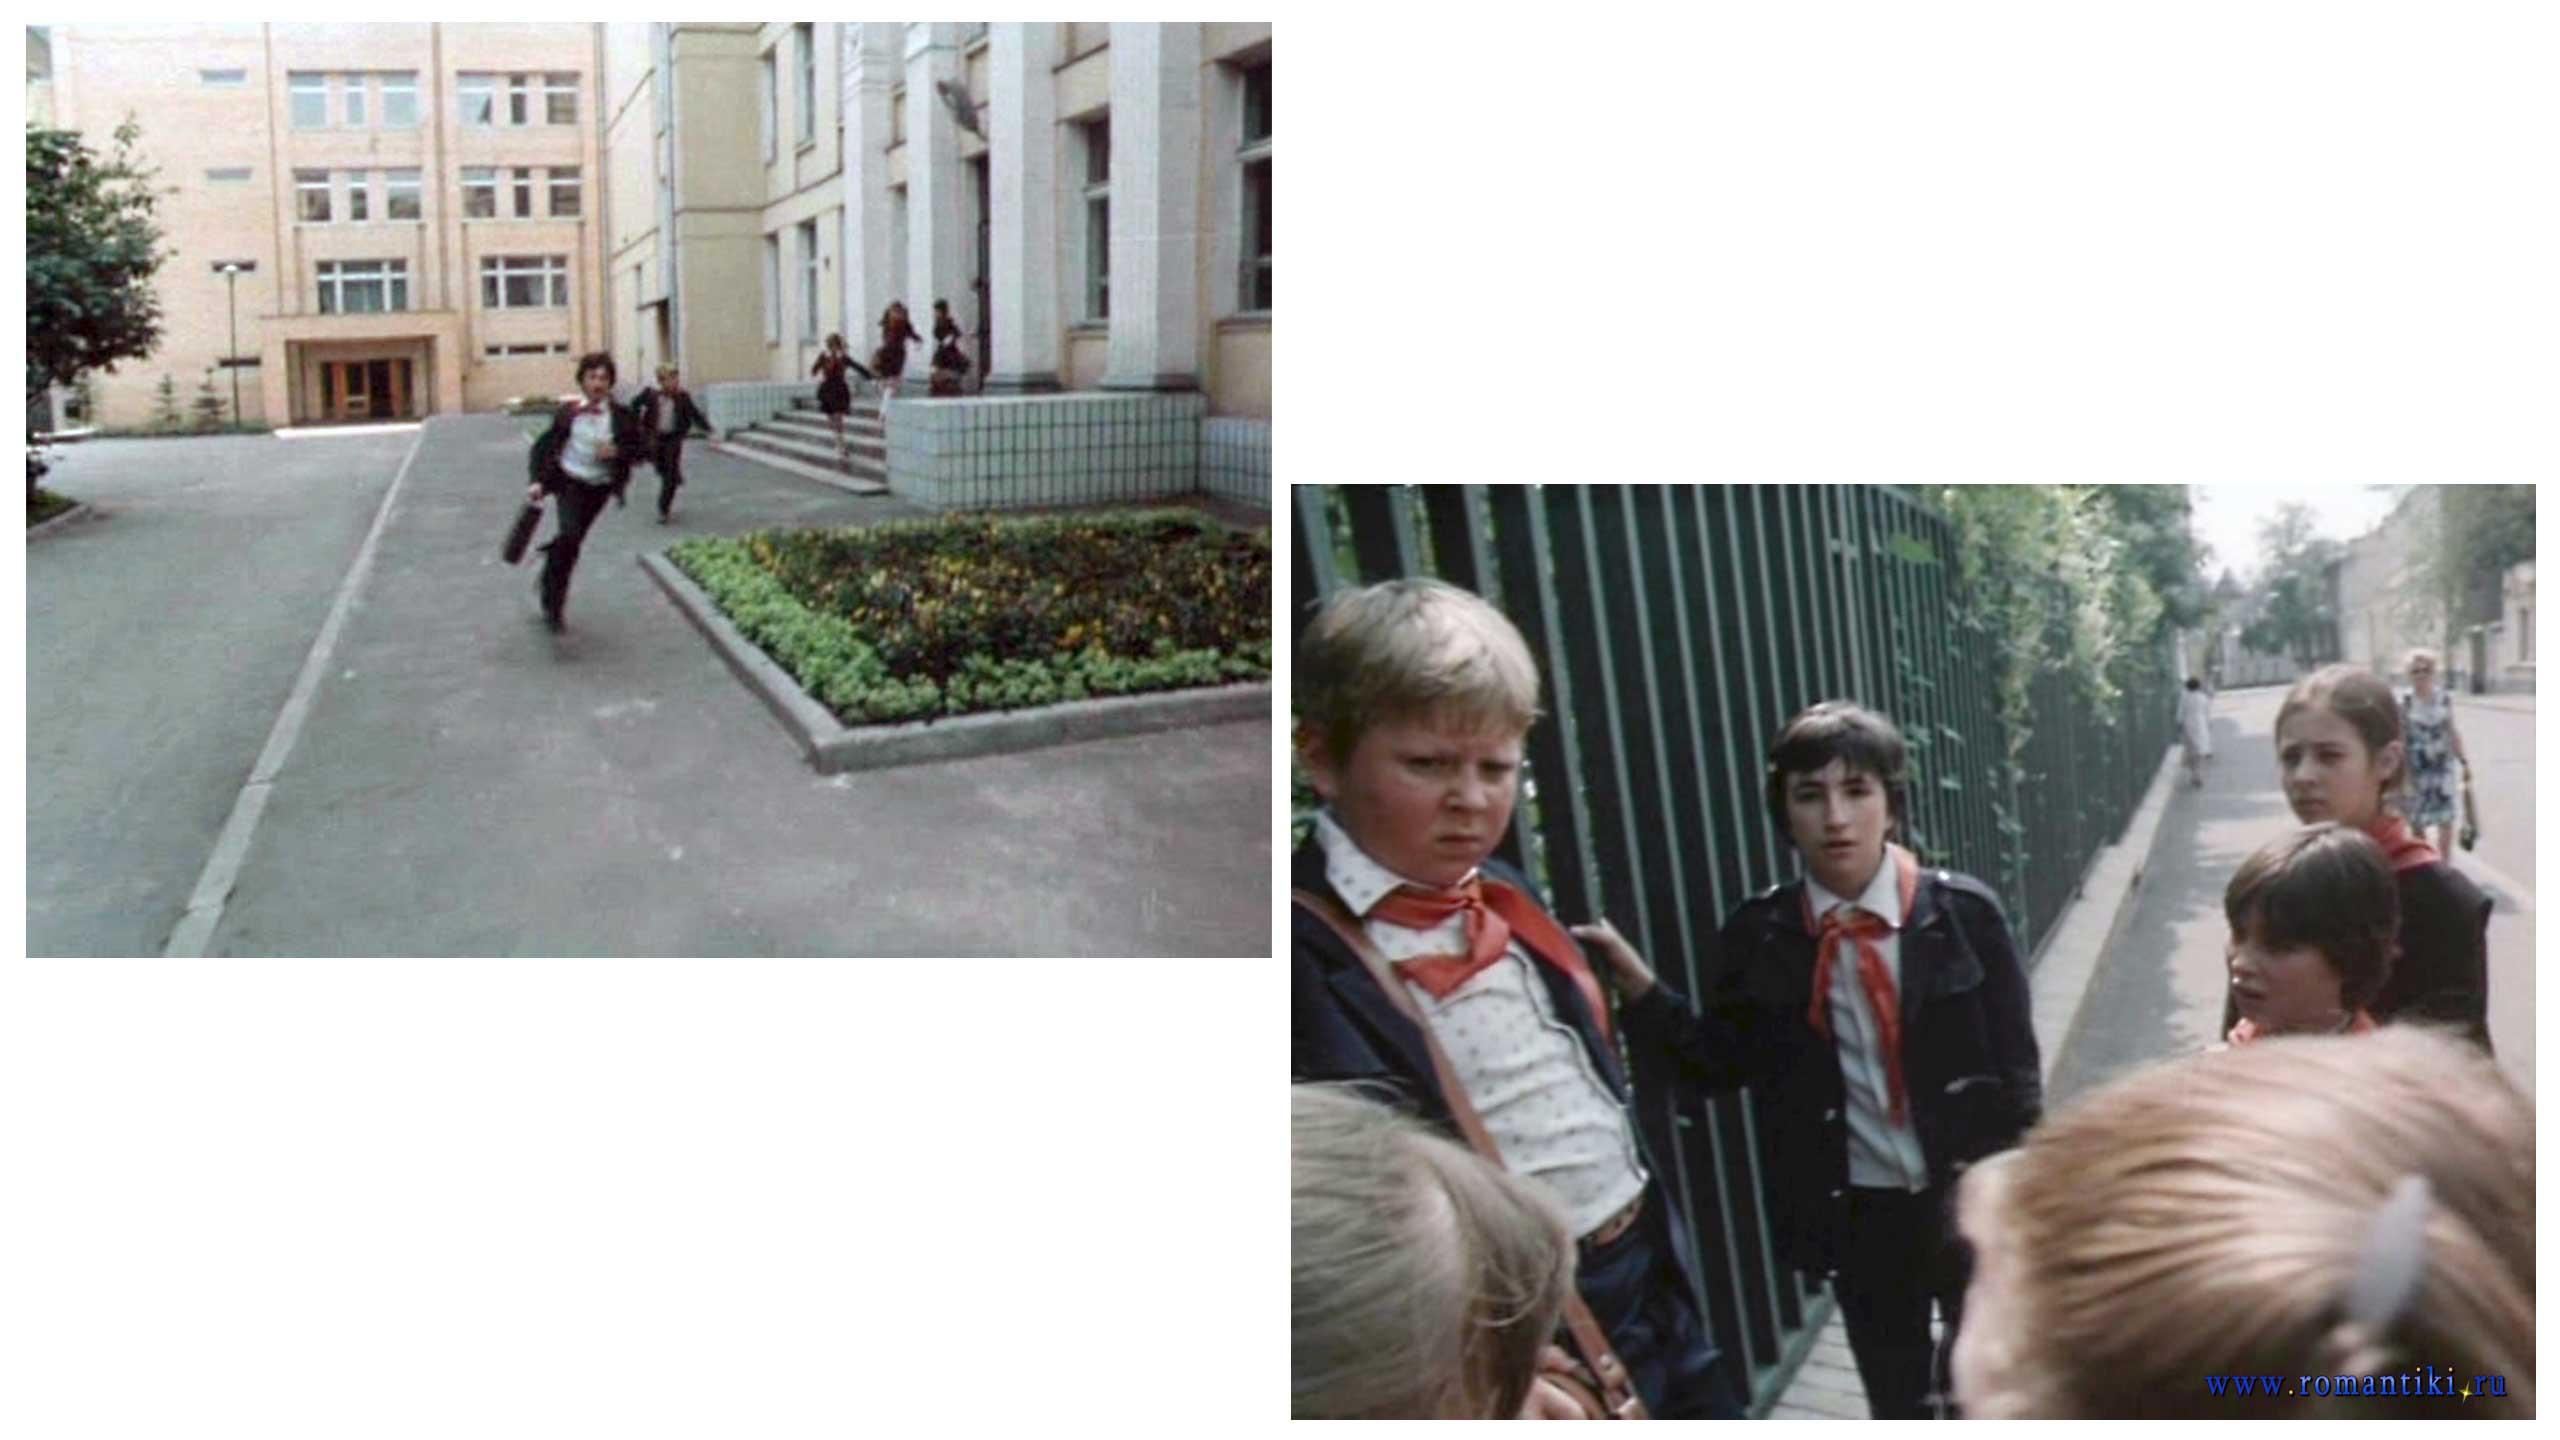 Школа, где снимали вырезанный эпизод